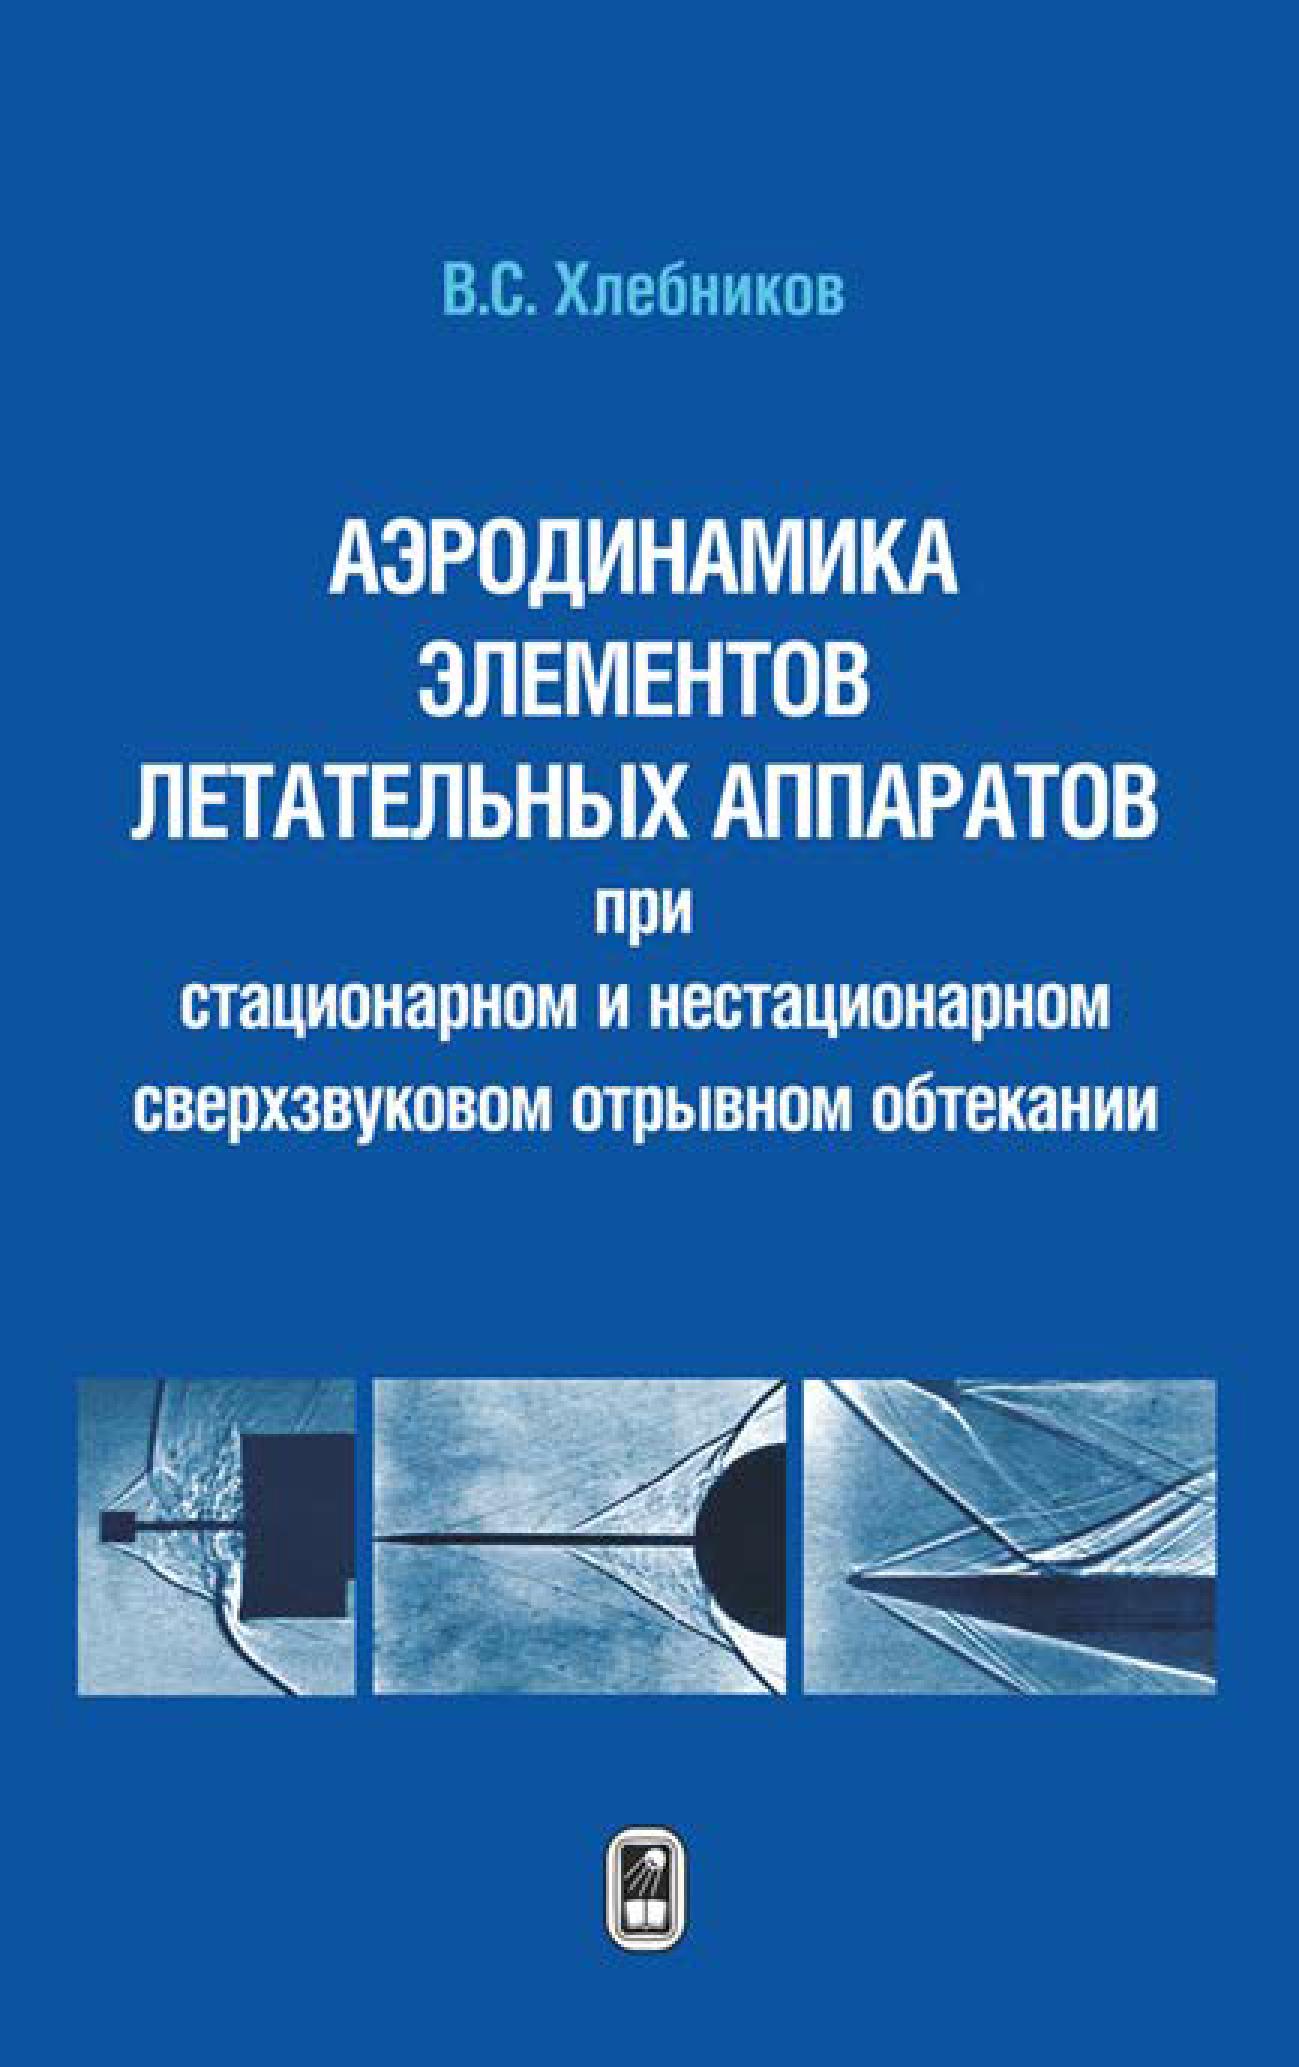 Аэротермодинамика элементов летательных аппаратов при стационарном и нестационарном сверхзвуковом отрывном обтекании